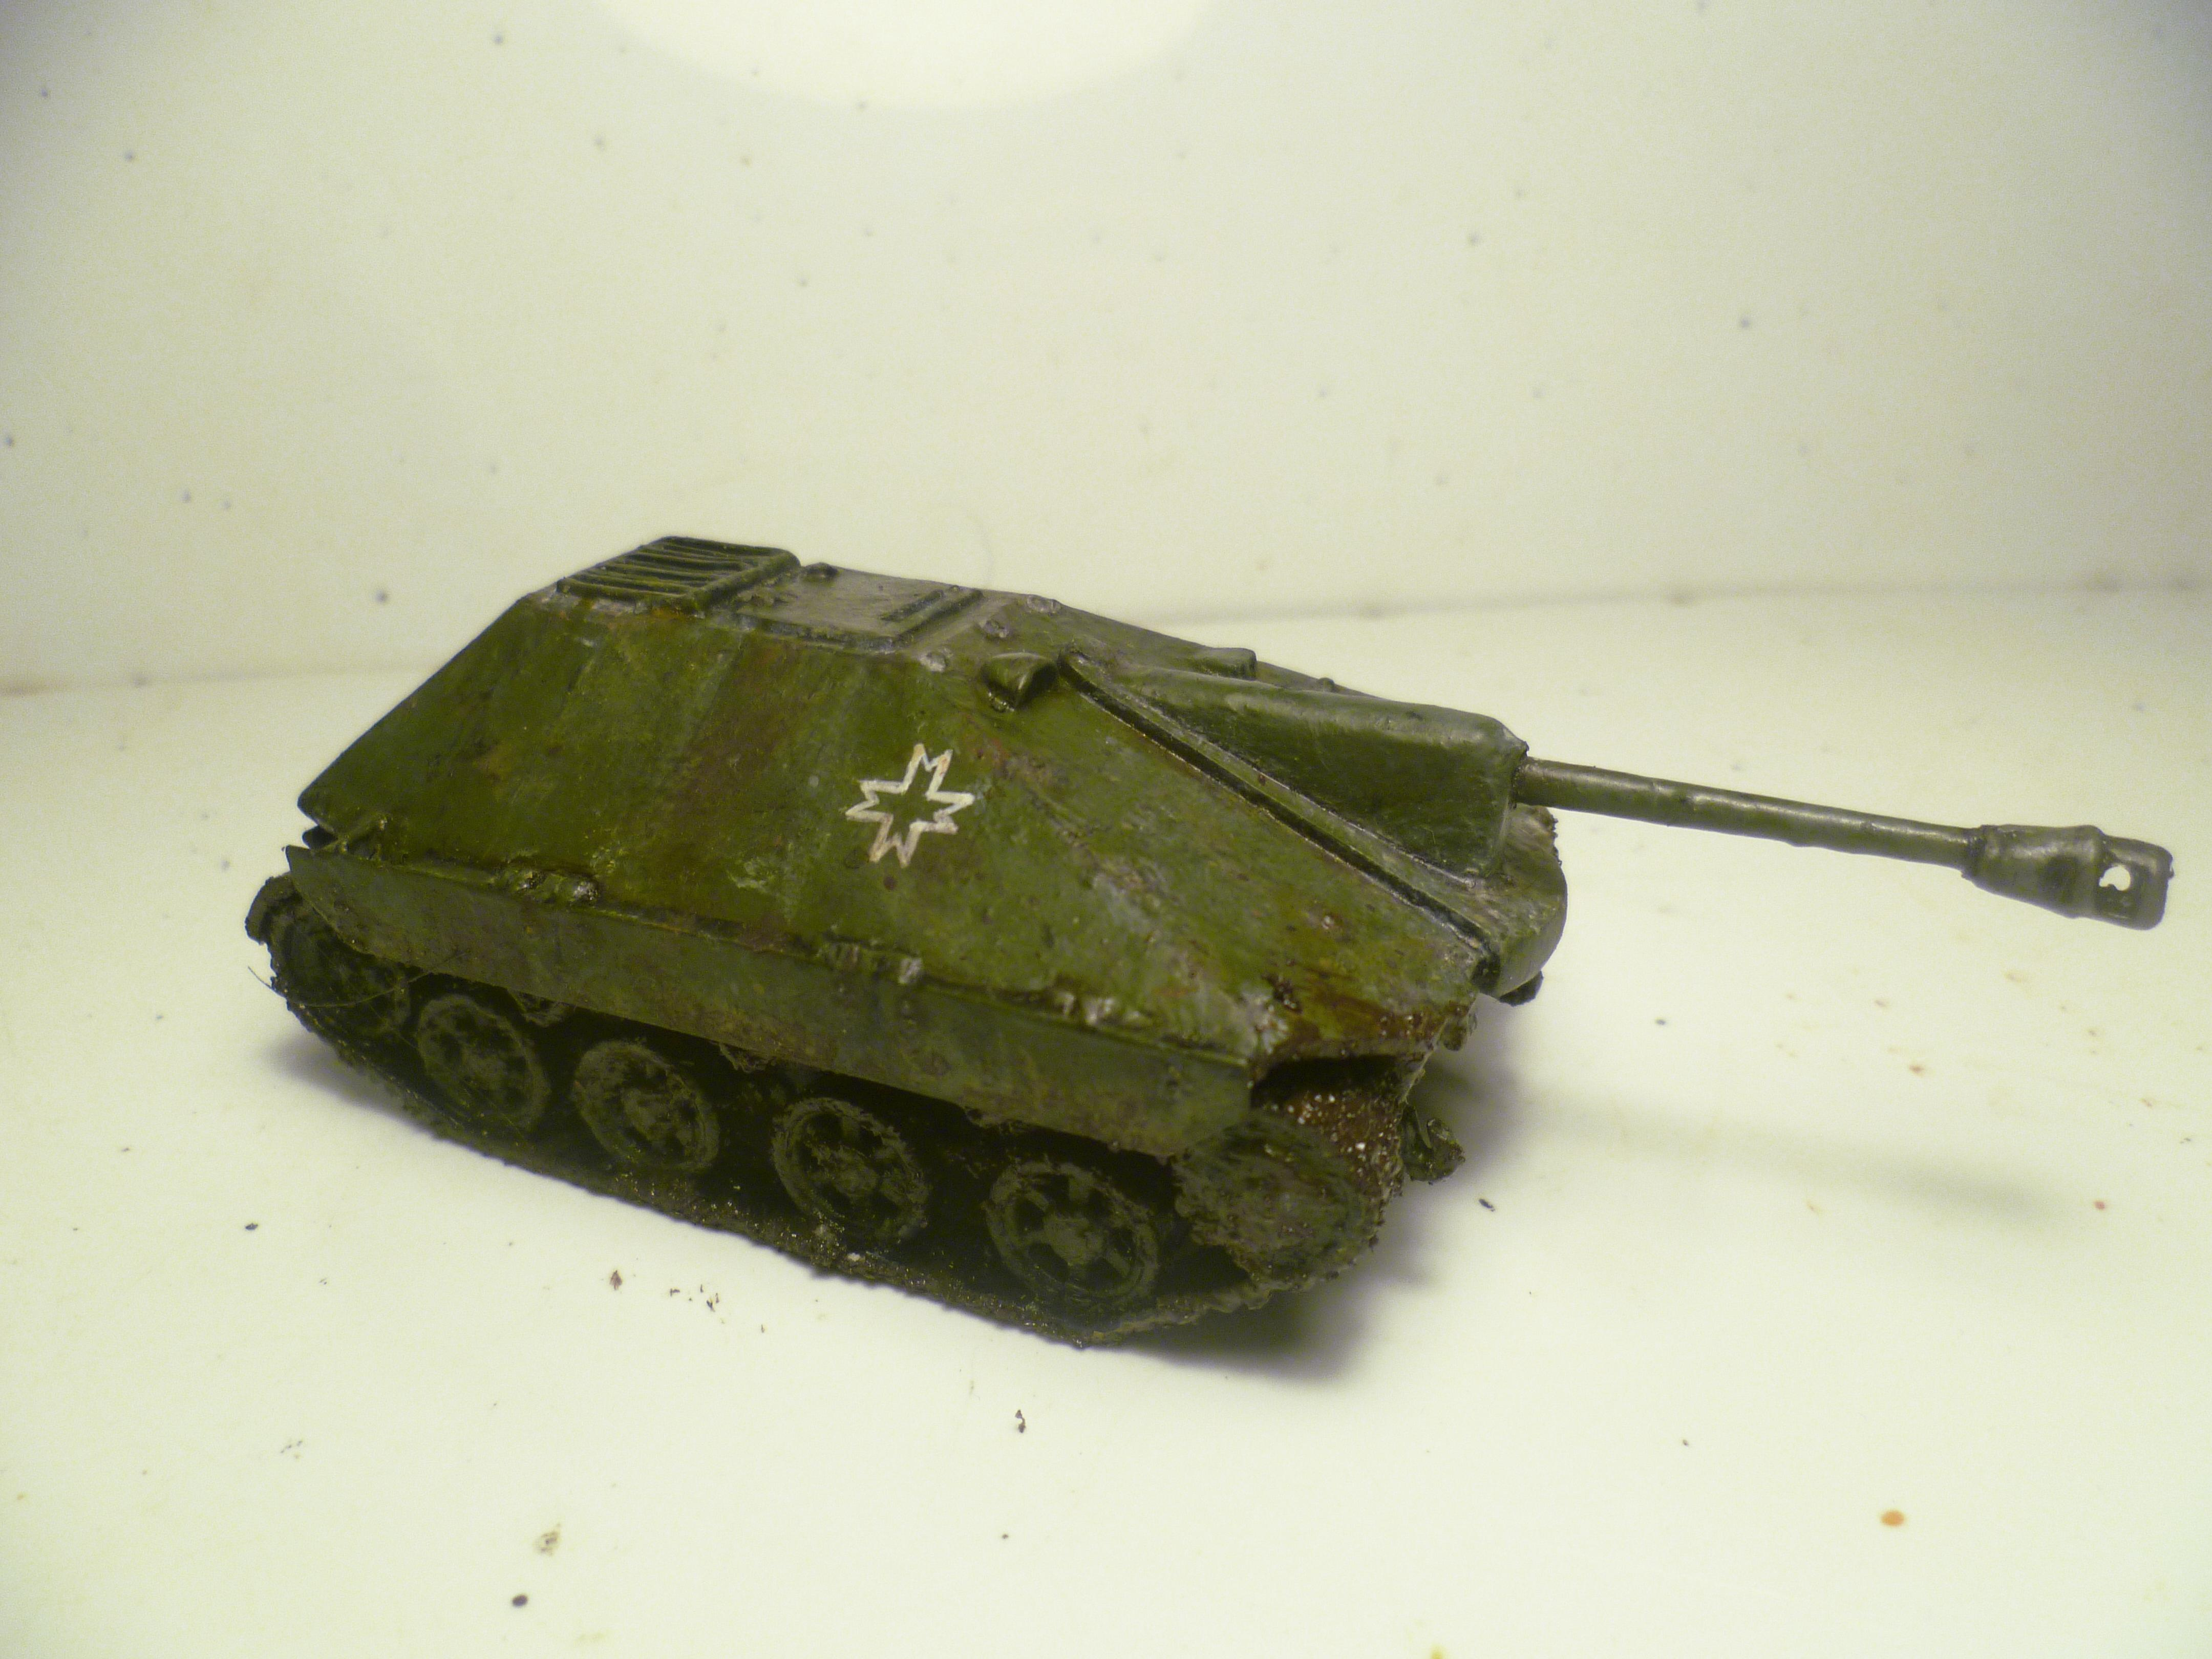 1/56, 2, 28mm, Axis, Conversion, Destroyer, Hetzer, Ii, Panzer, Romania, Romanian, Scratch Build, T-60, Tank, World War, World War 2